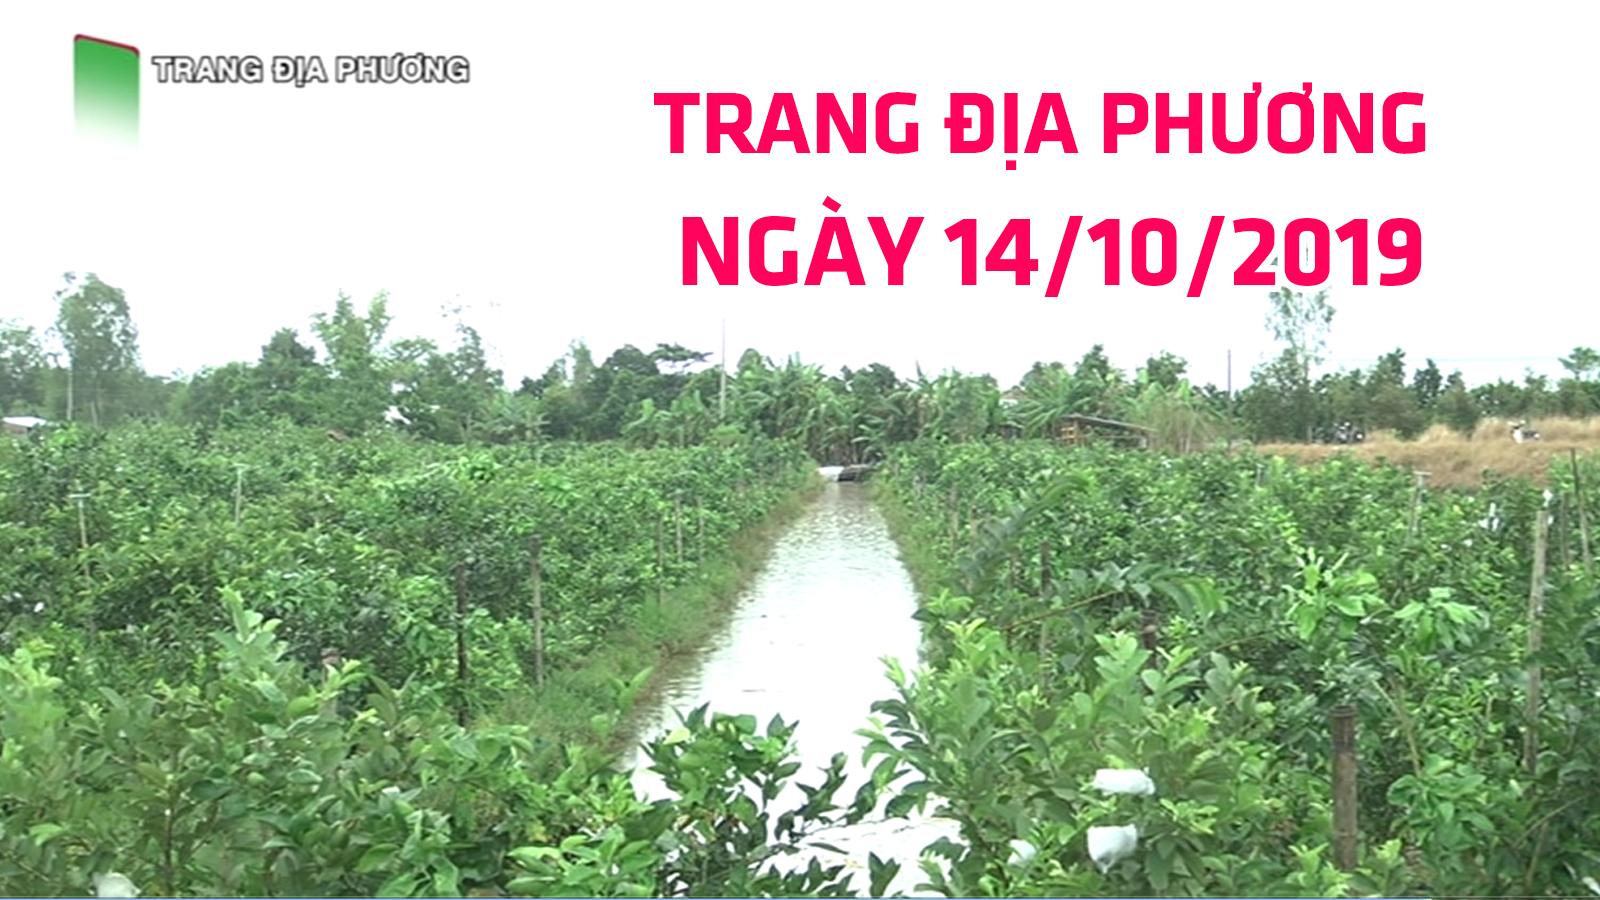 Trang tin địa phương - 14/10/2019 - Huyện Tháp Mười